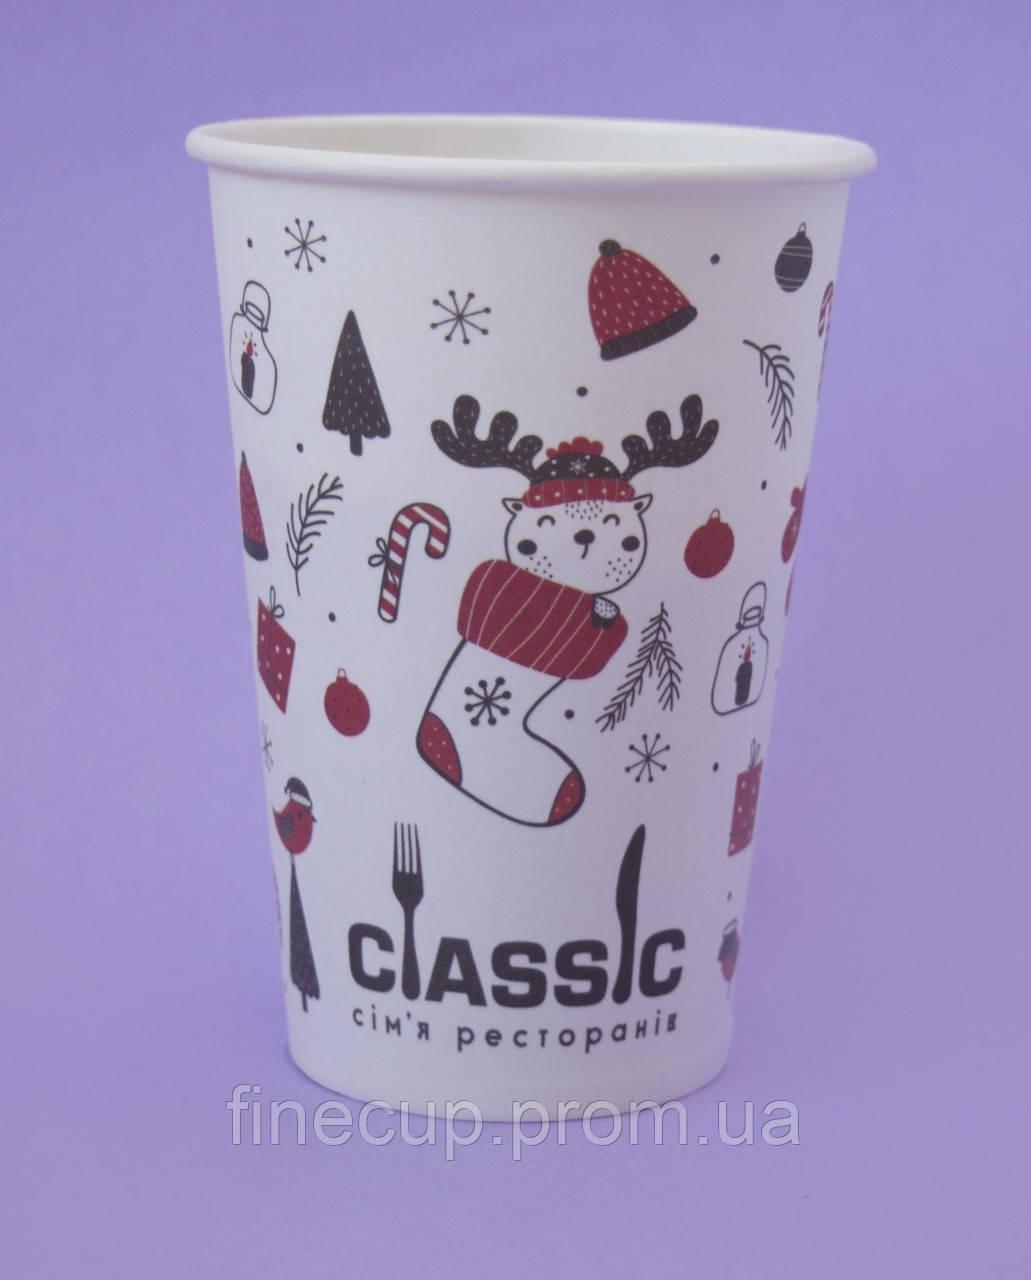 """Взірець індивідуального замовлення стакану """"Classic"""" 340 мл"""